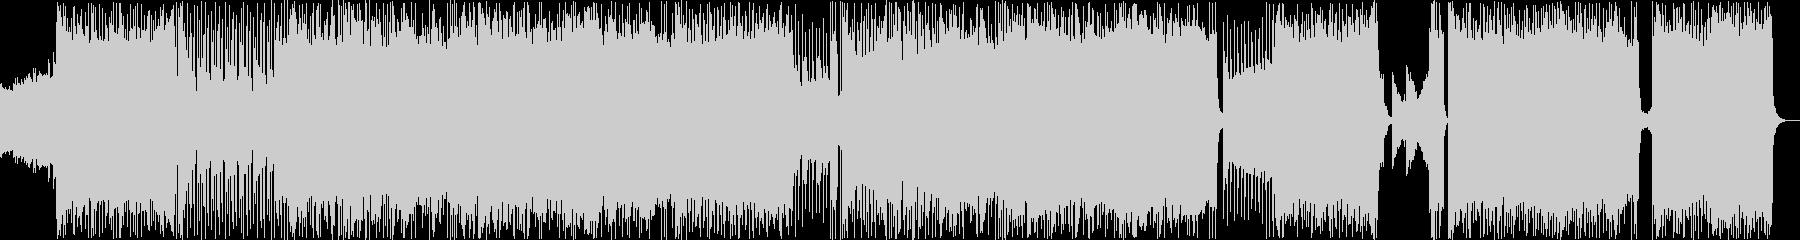 バトルでダークで中二なアニソン風BGMの未再生の波形